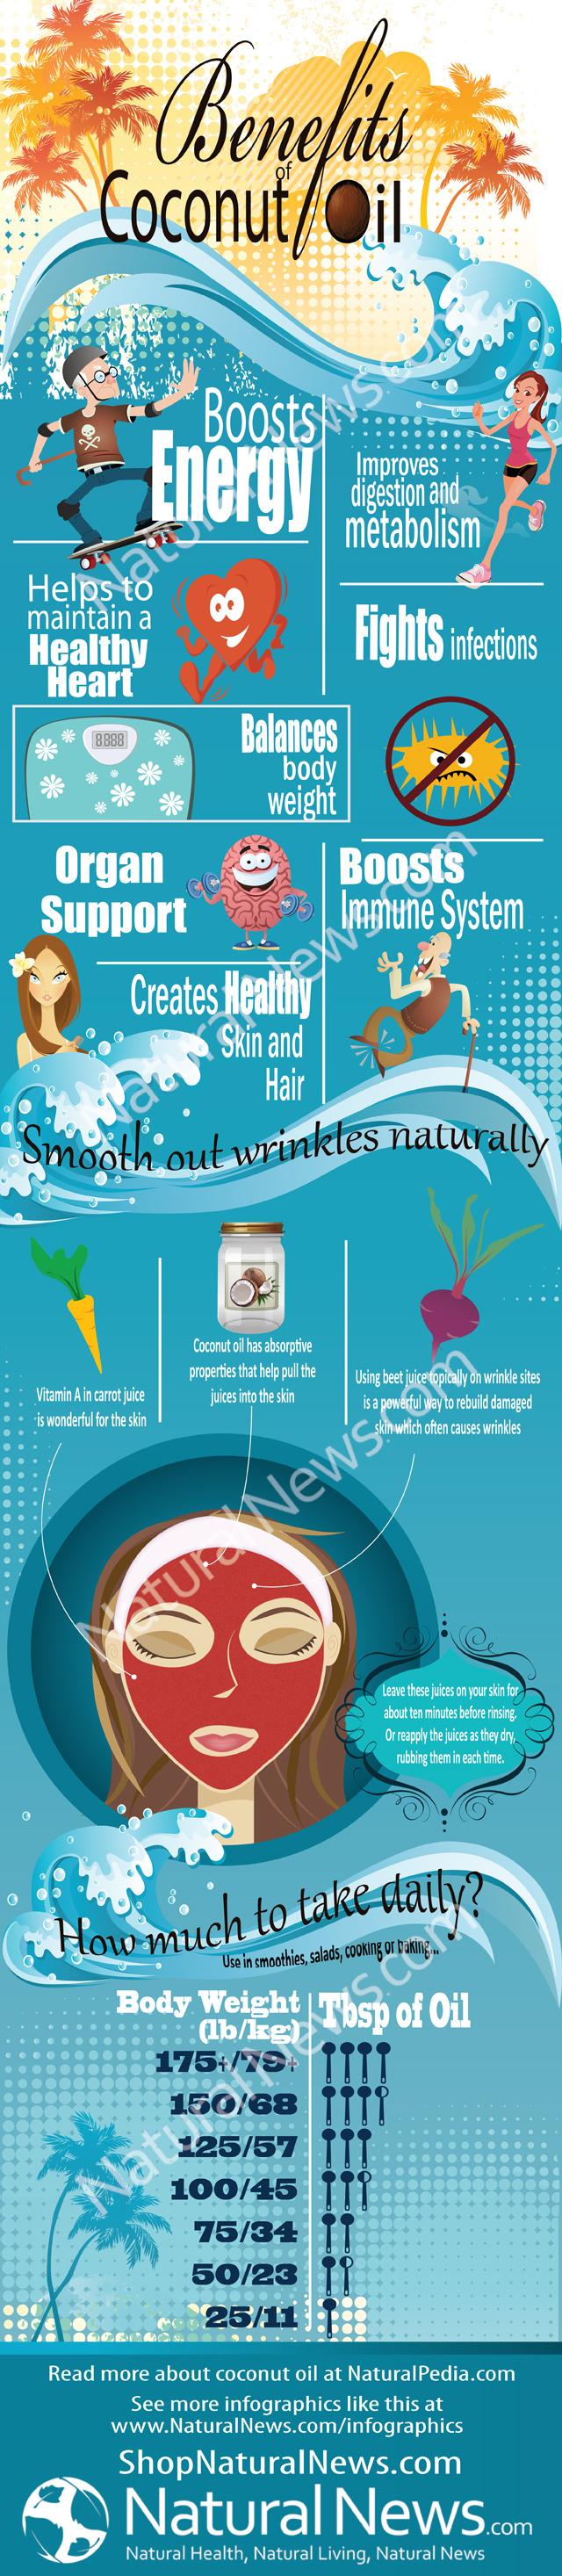 Top Coconut Oil Benefits